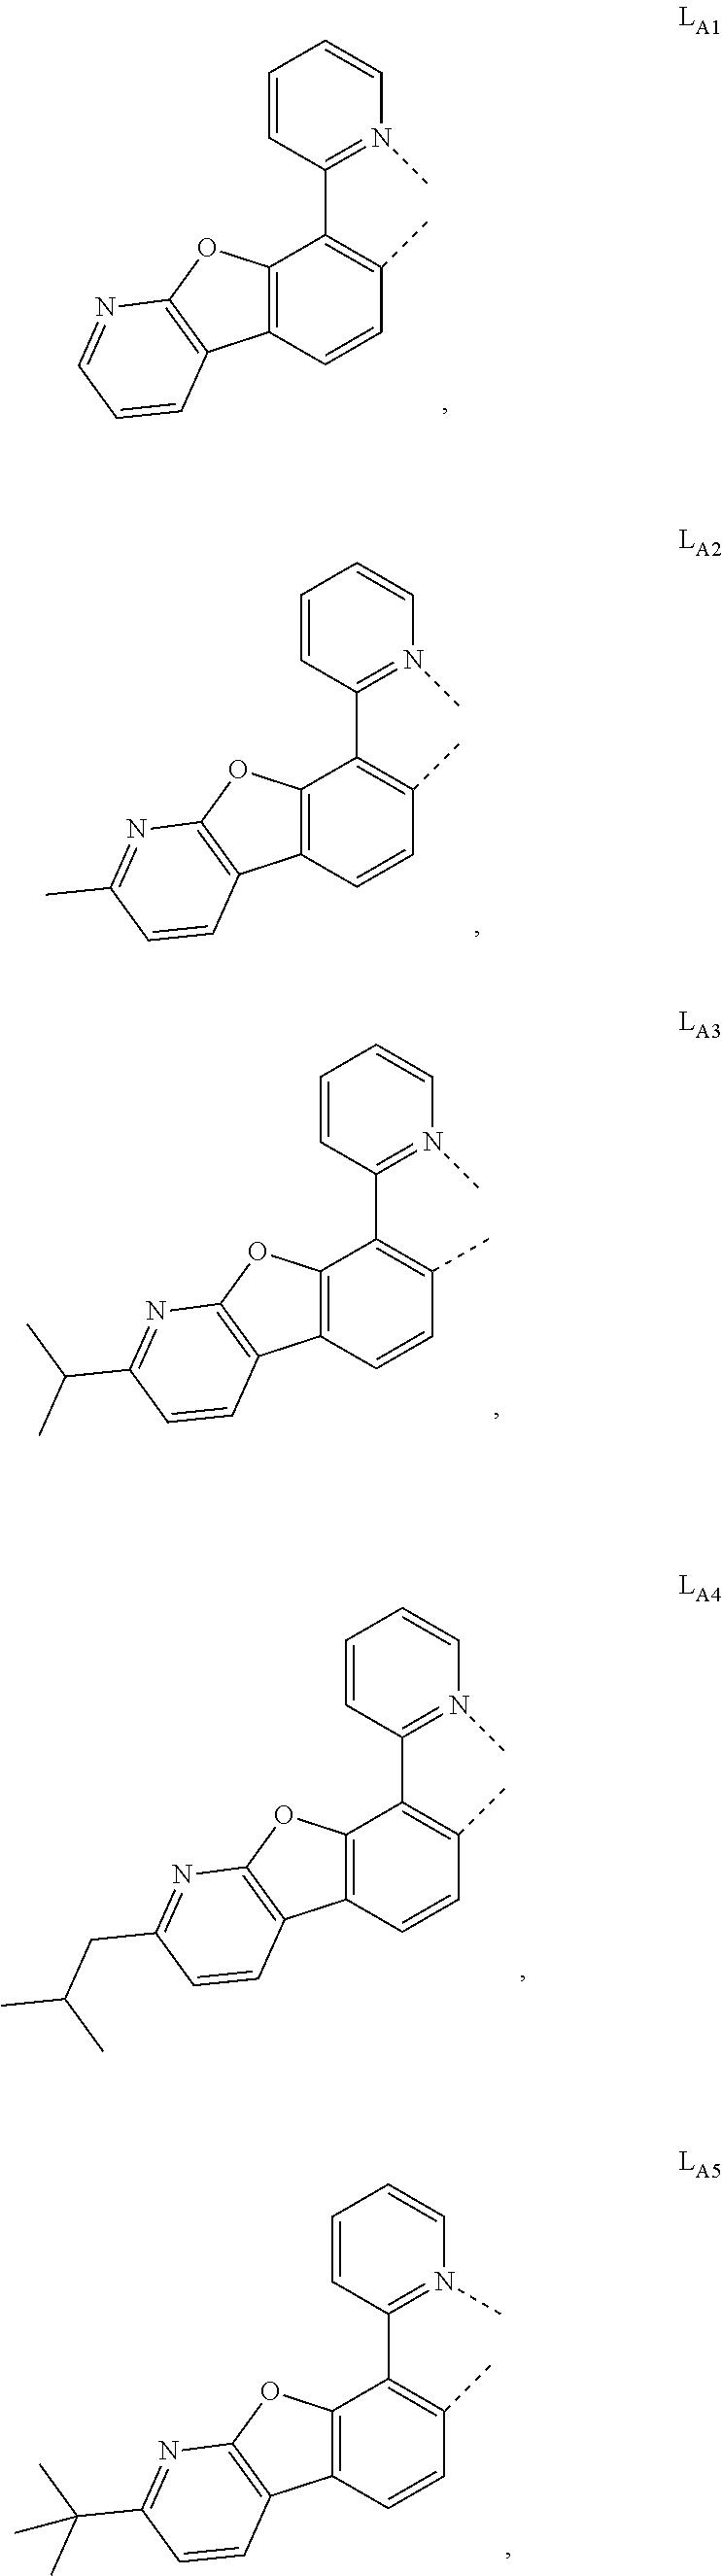 Figure US20160049599A1-20160218-C00401